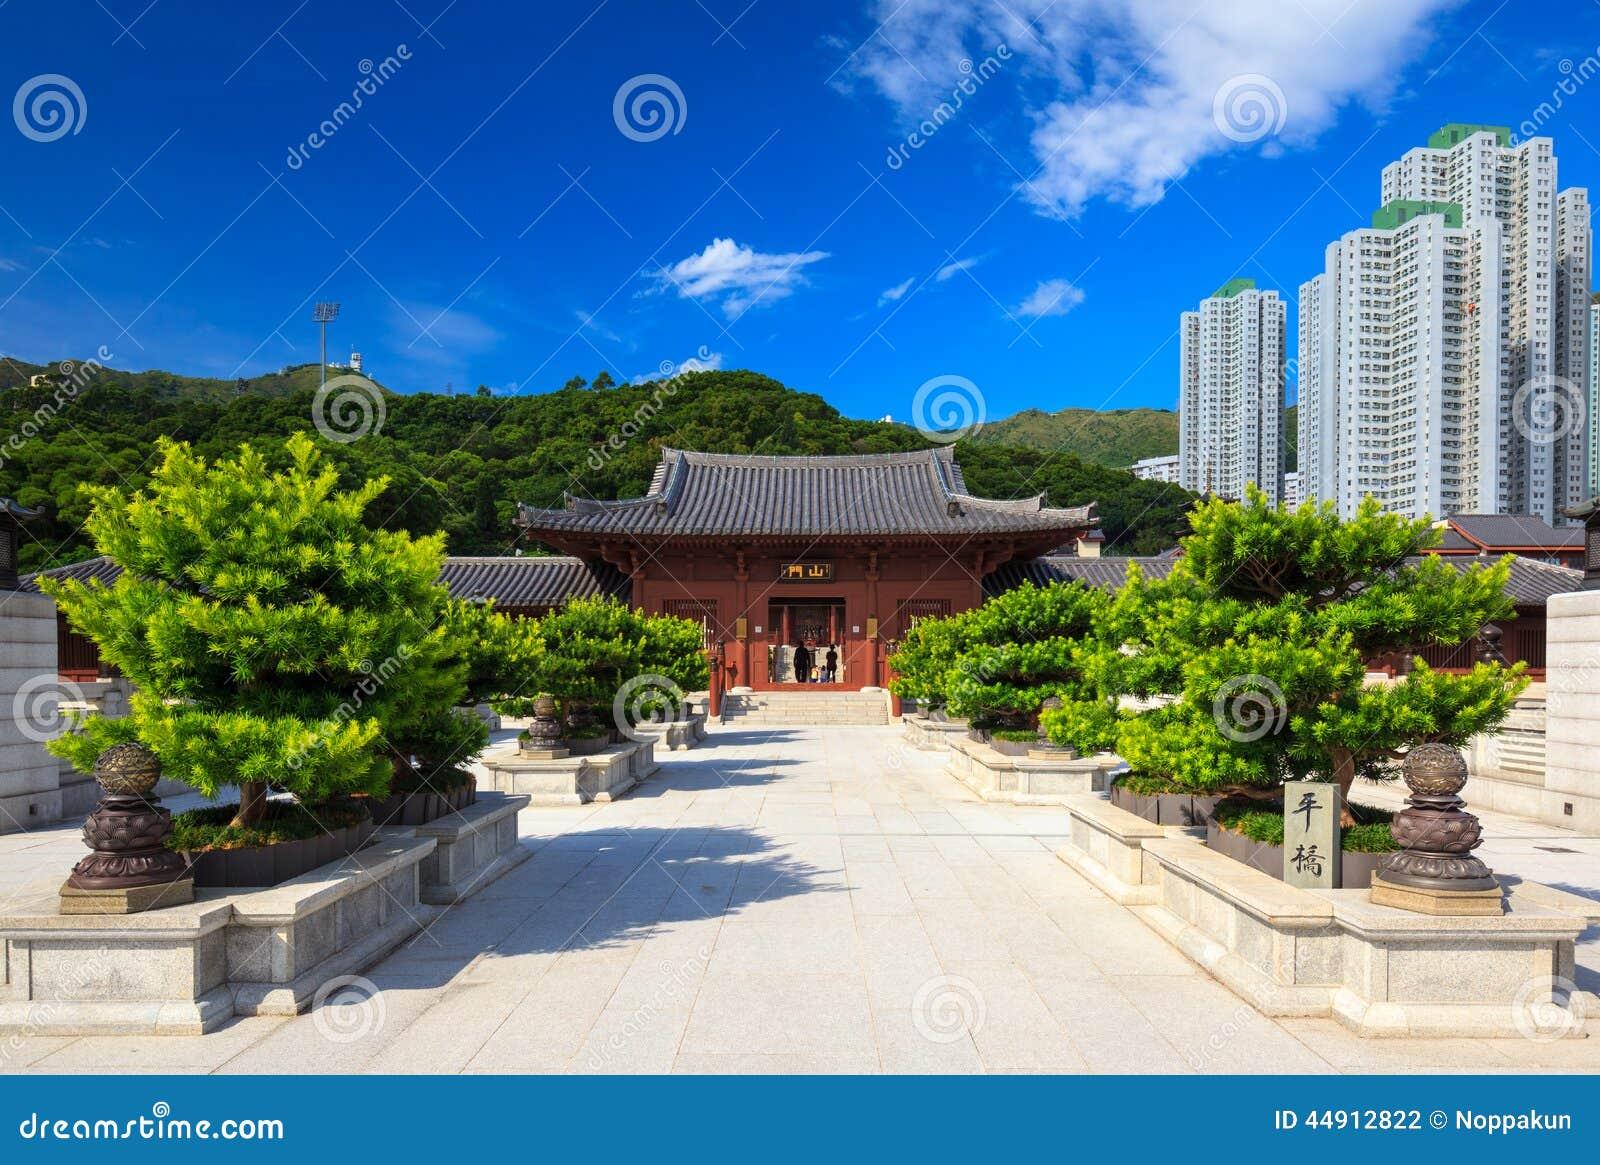 Chi lin Nunnery, Tang dynasty style Chinese temple, Hong Kong,